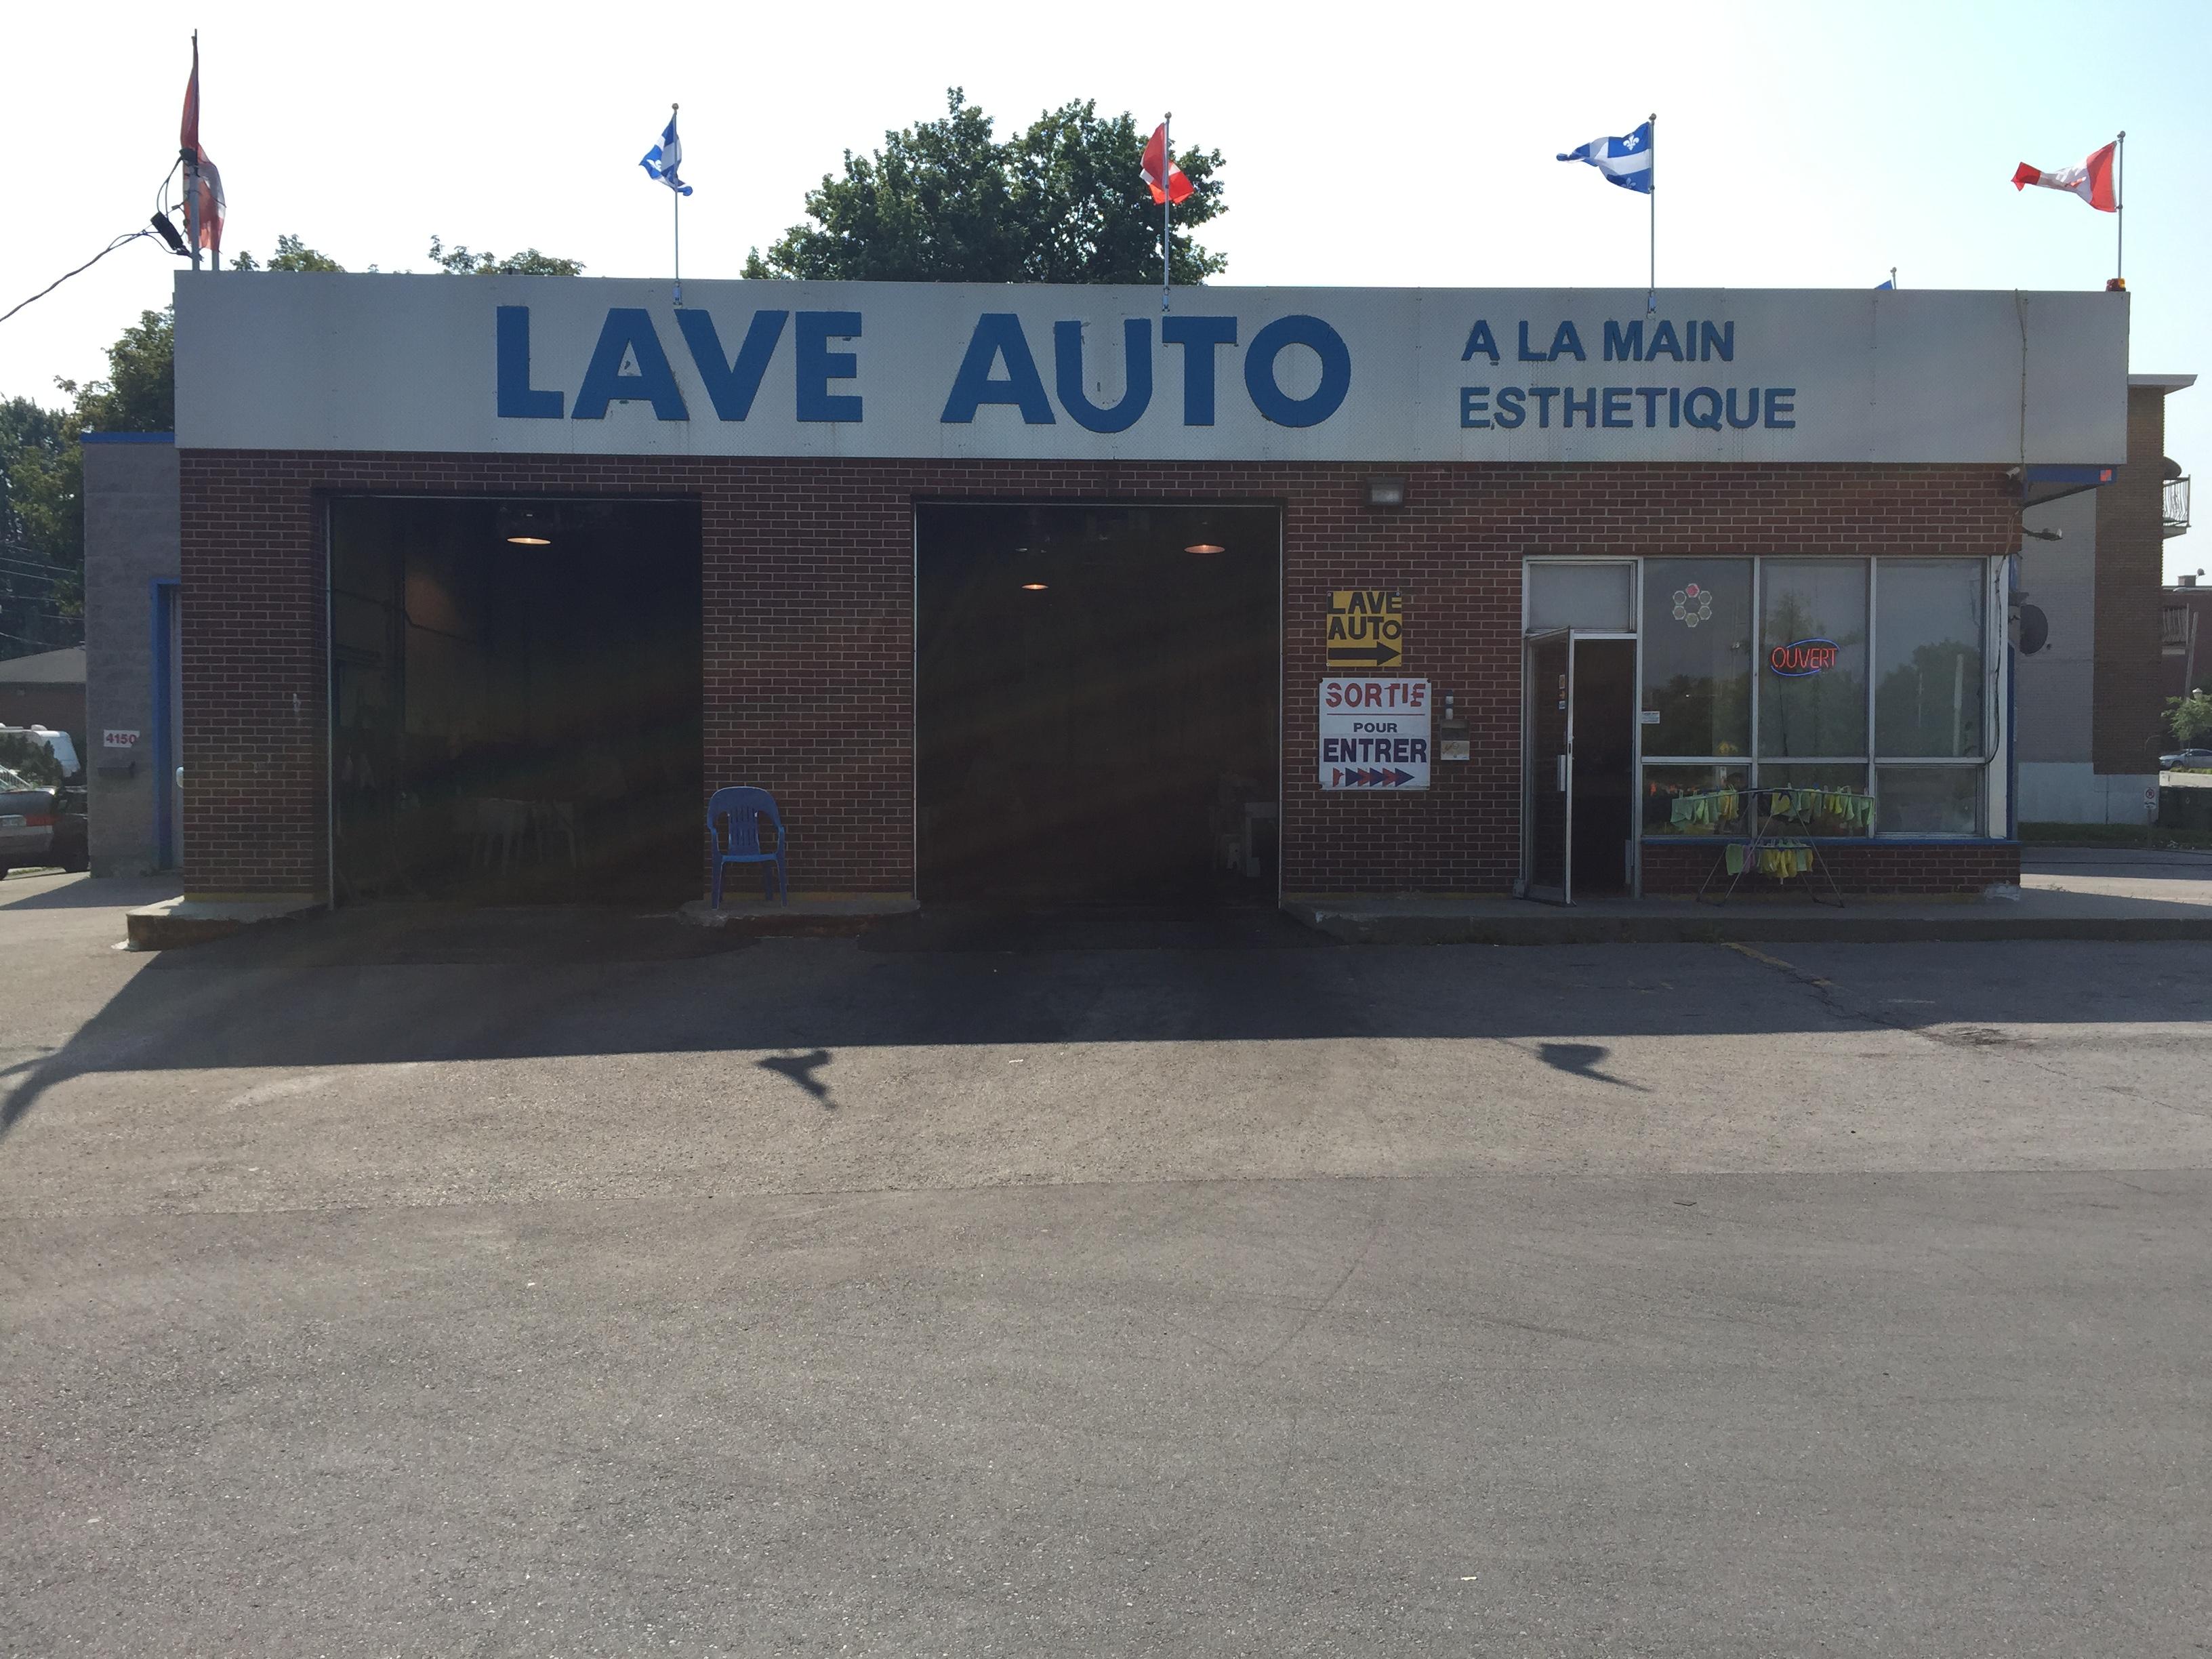 love auto_avant